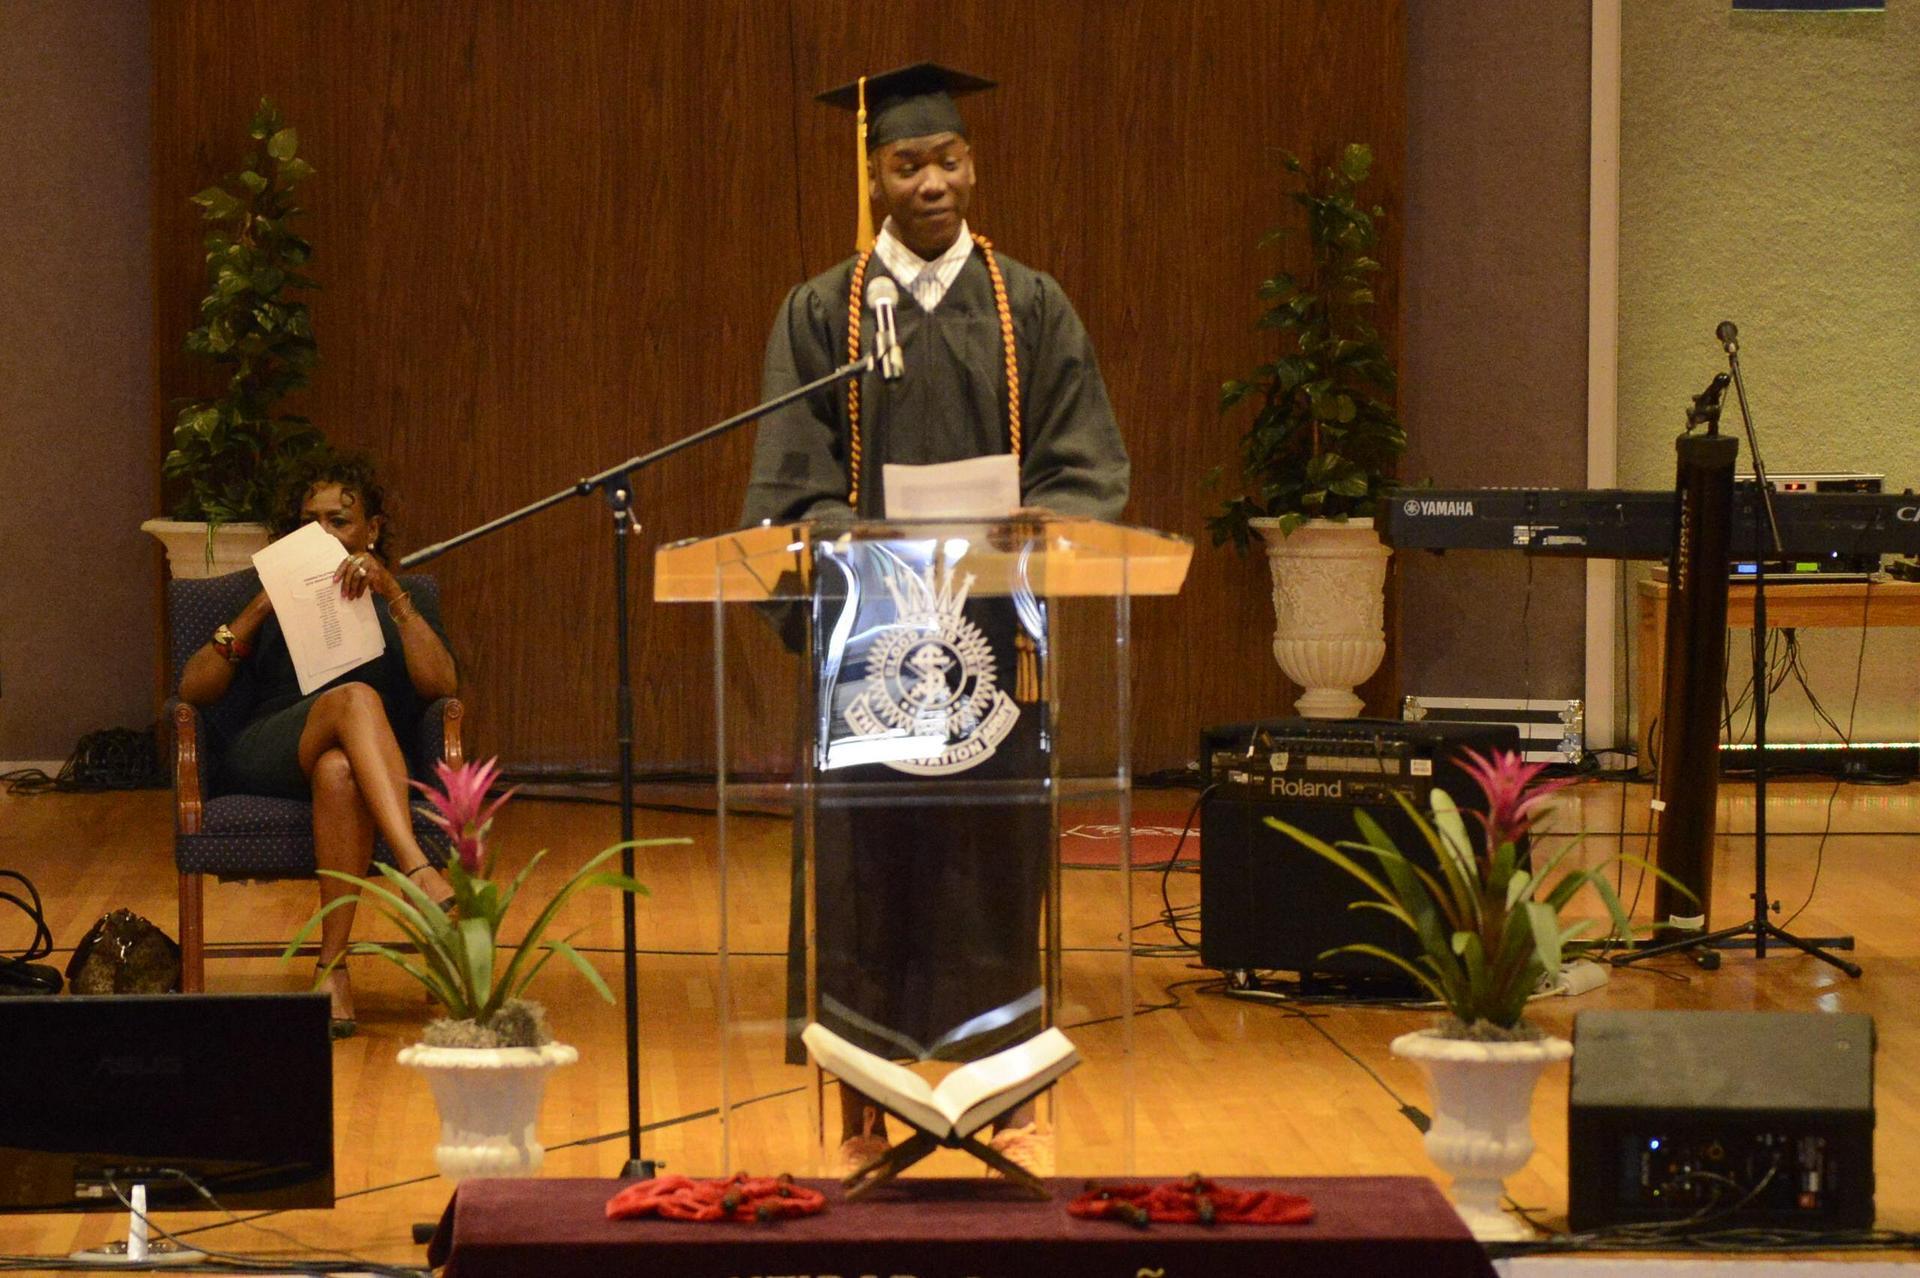 A 2018 grad gives a speech